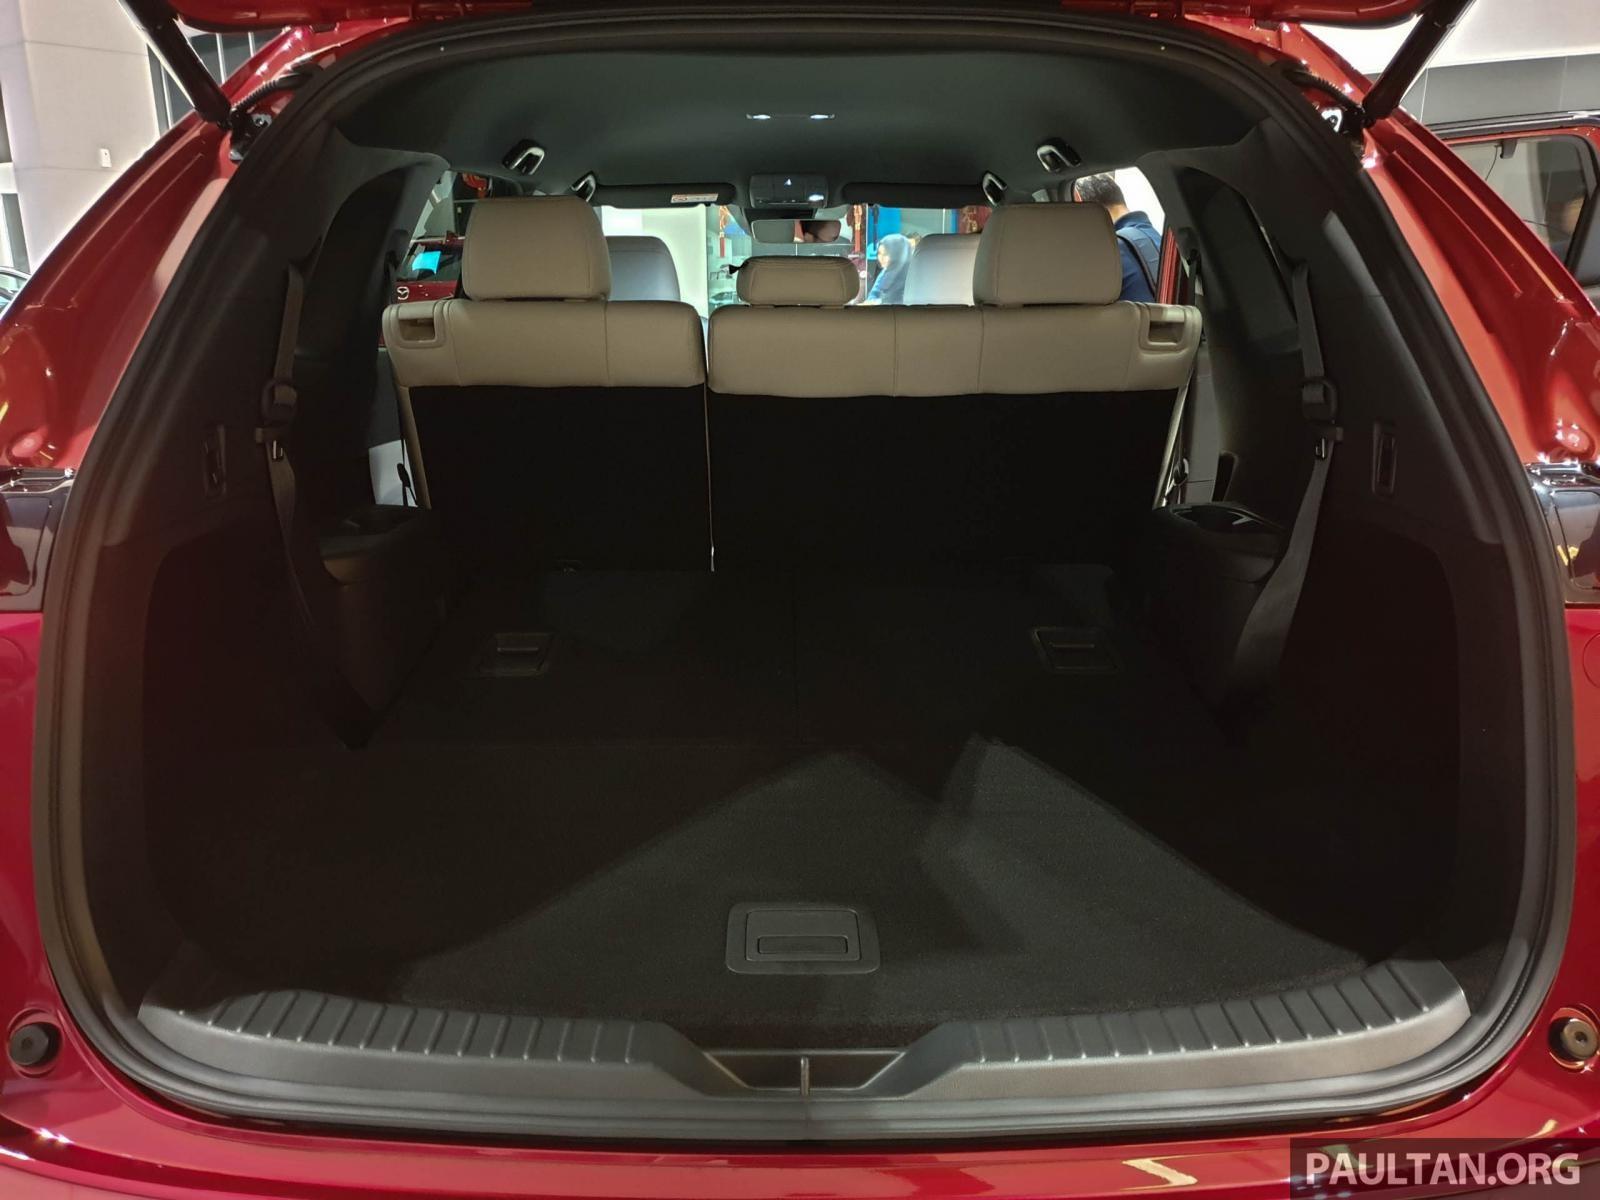 Ghế sau của Mazda CX-8 2019 có thể gập xuống để tăng thể tích khoang hành lý